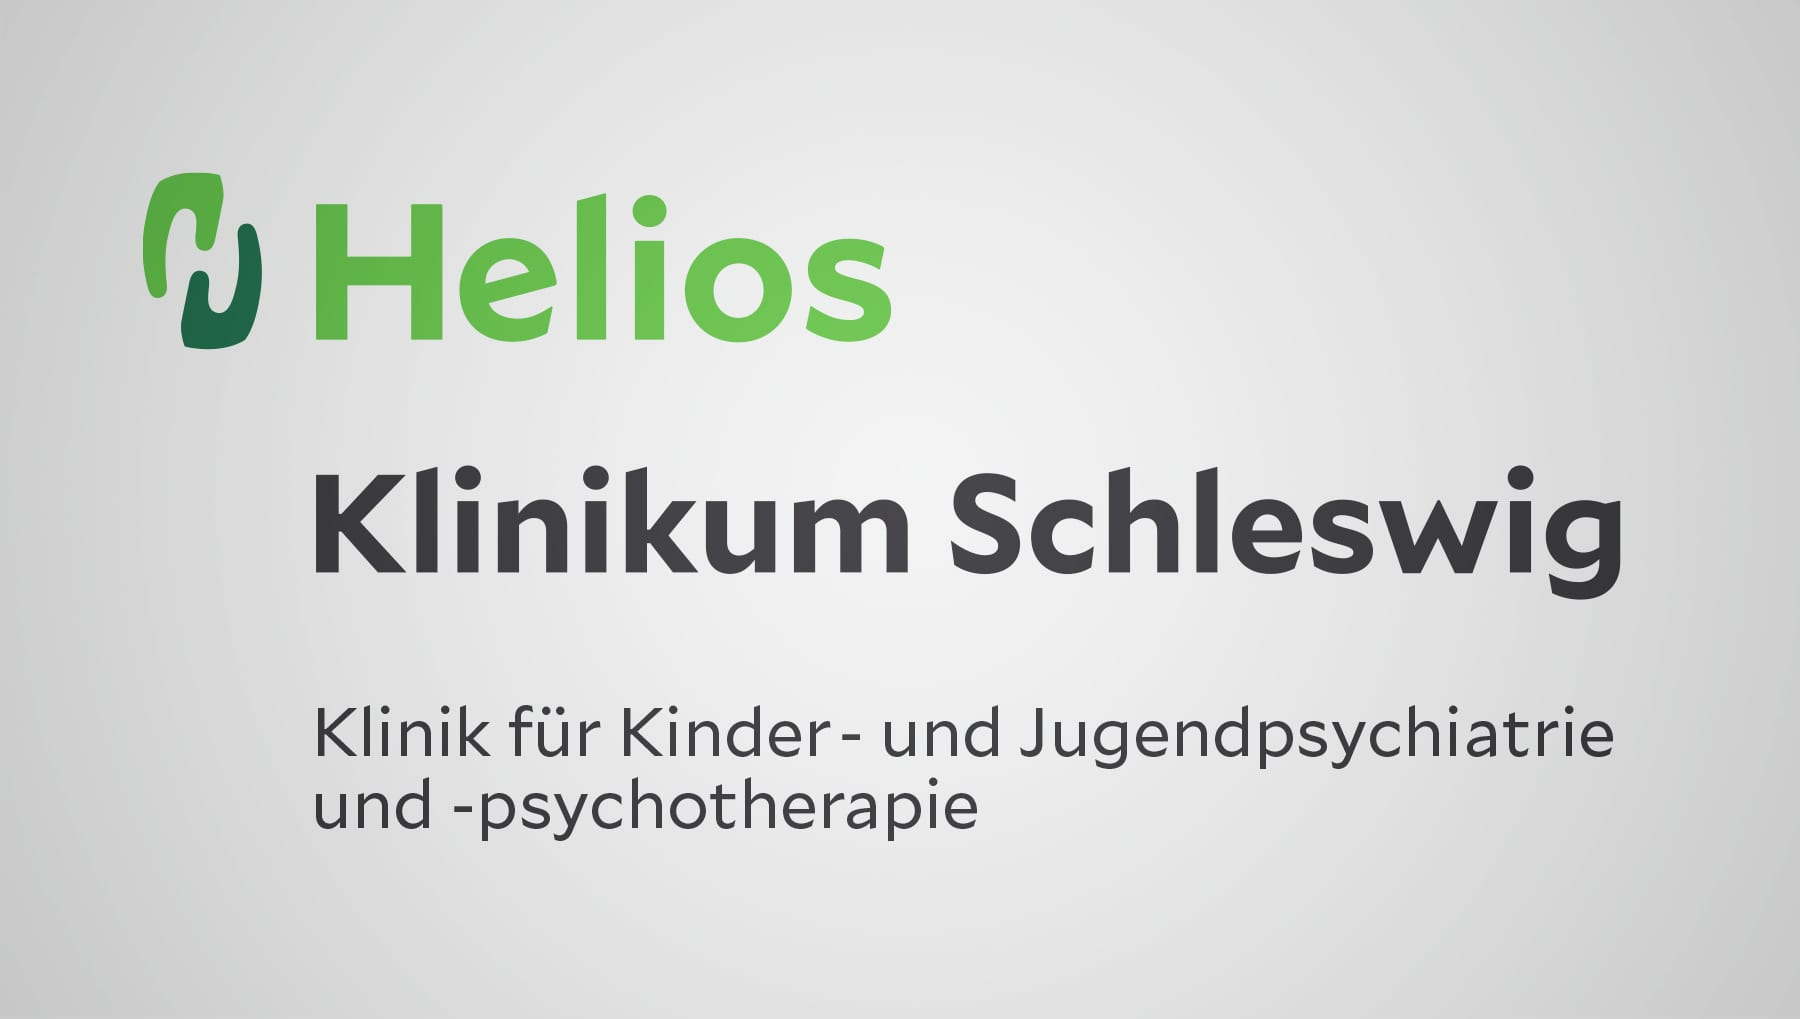 Helios Fachklinik Schleswig – Neue Zentralklinik für die Kinder- und Jugendpsychiatrie